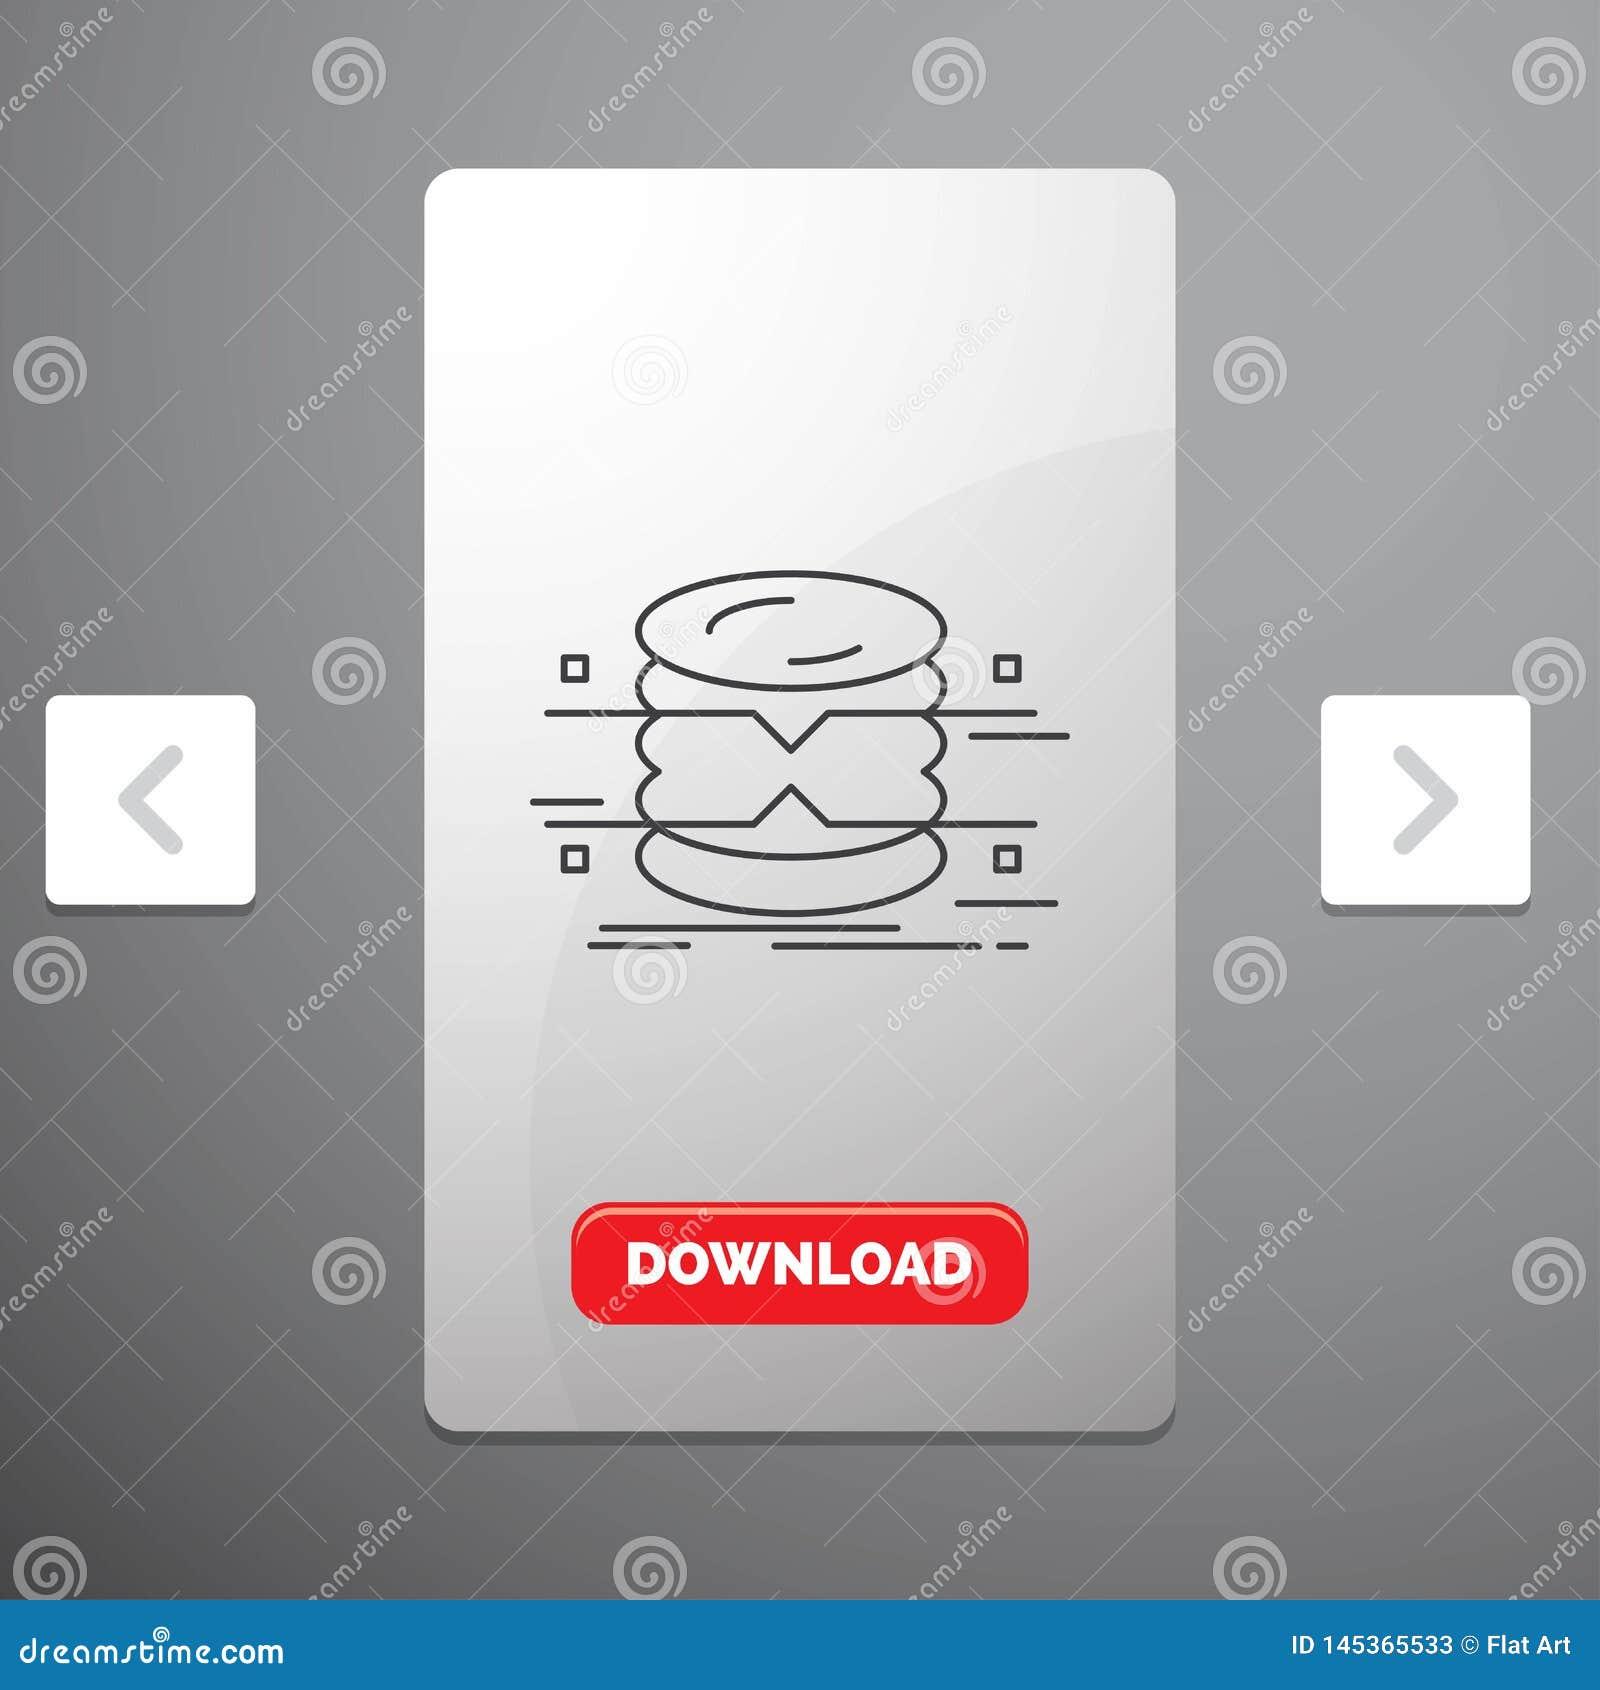 Datenbank, Daten, Architektur, infographics, Linie Ikone im Carousals-Paginierungs-Schieber-Entwurf u. im roten Download-Knopf üb